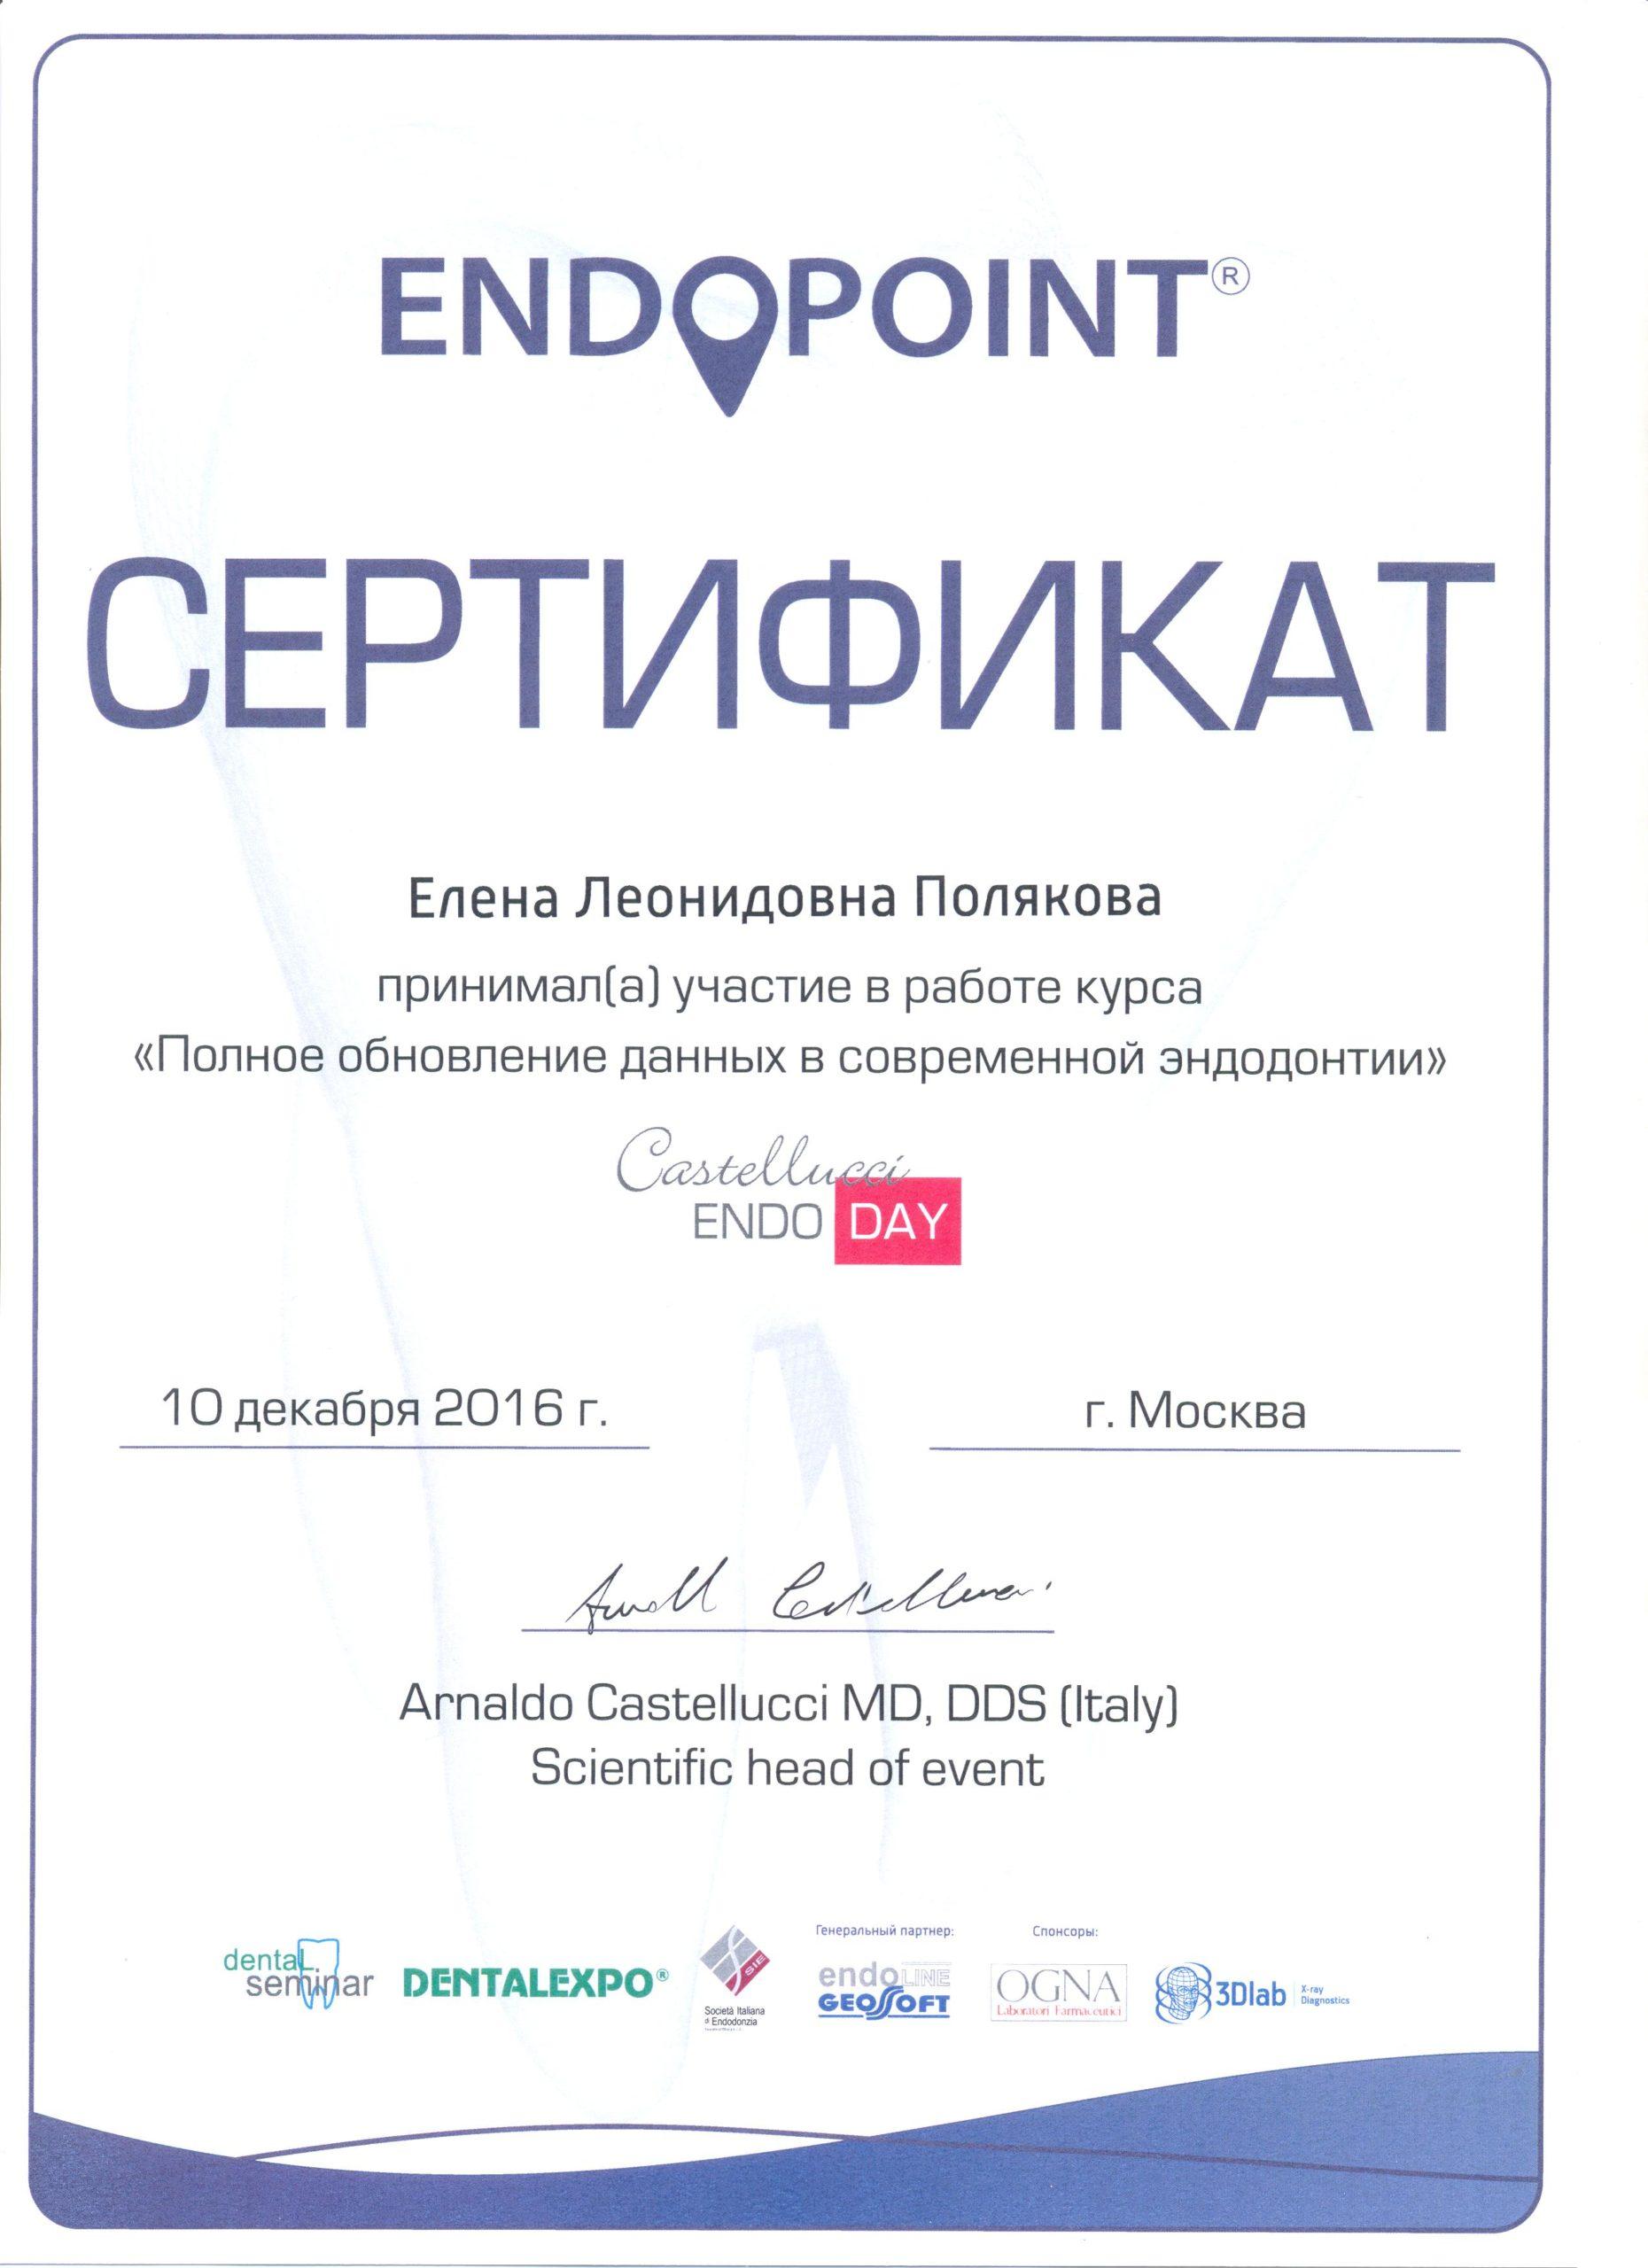 сертификат стоматолога Полякова декабрь 2016